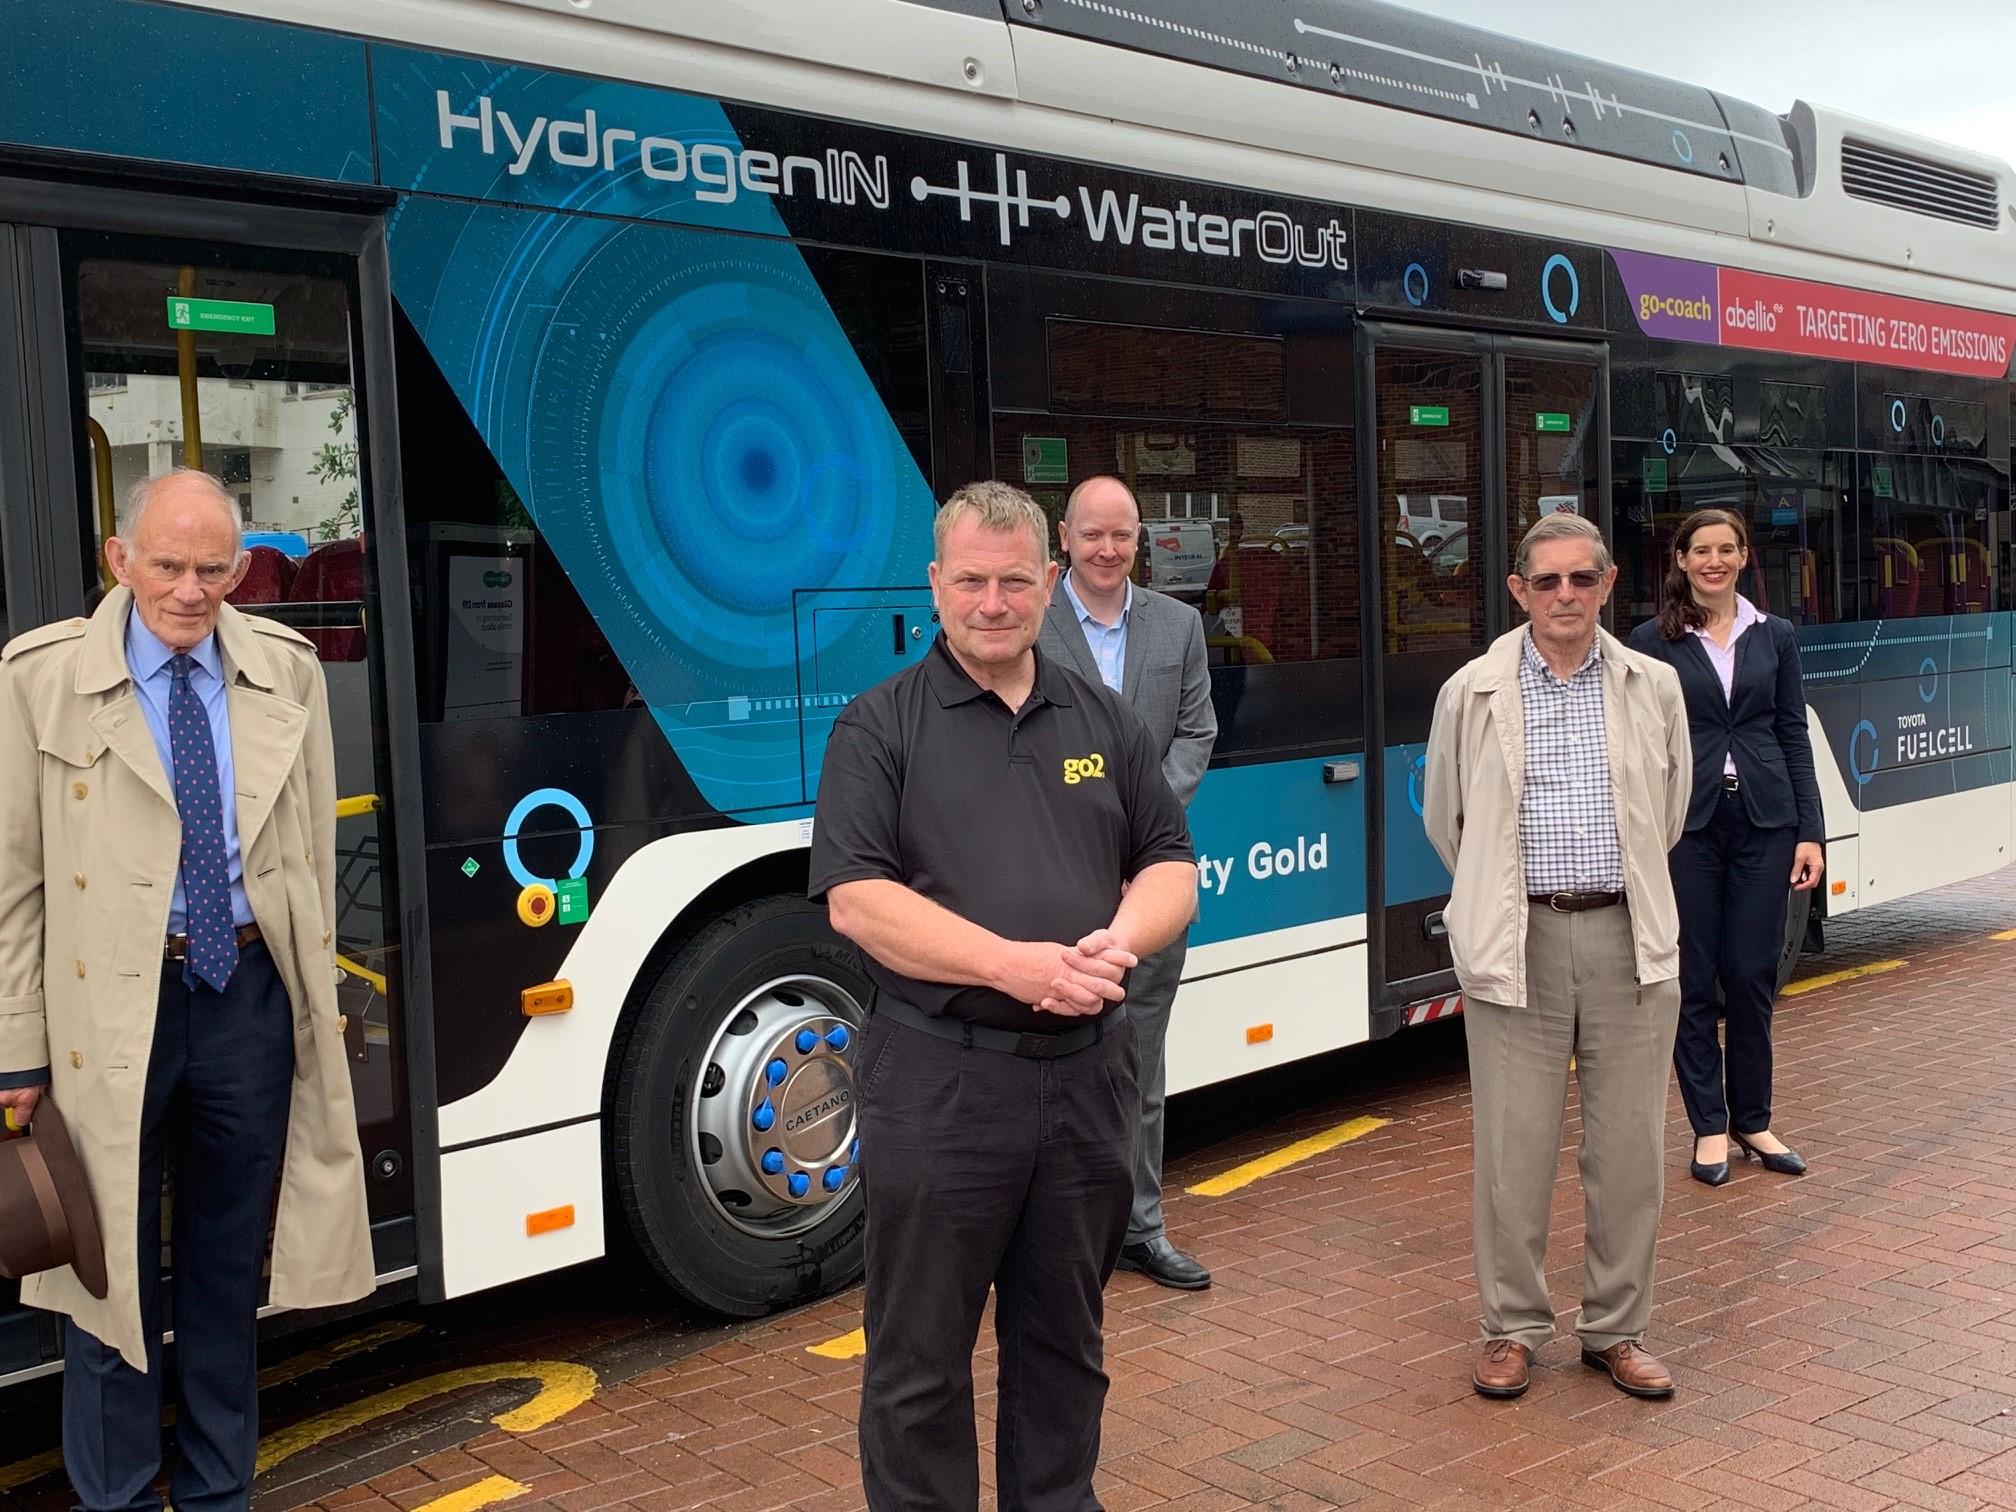 Hydrogen bus trials in Sevenoaks